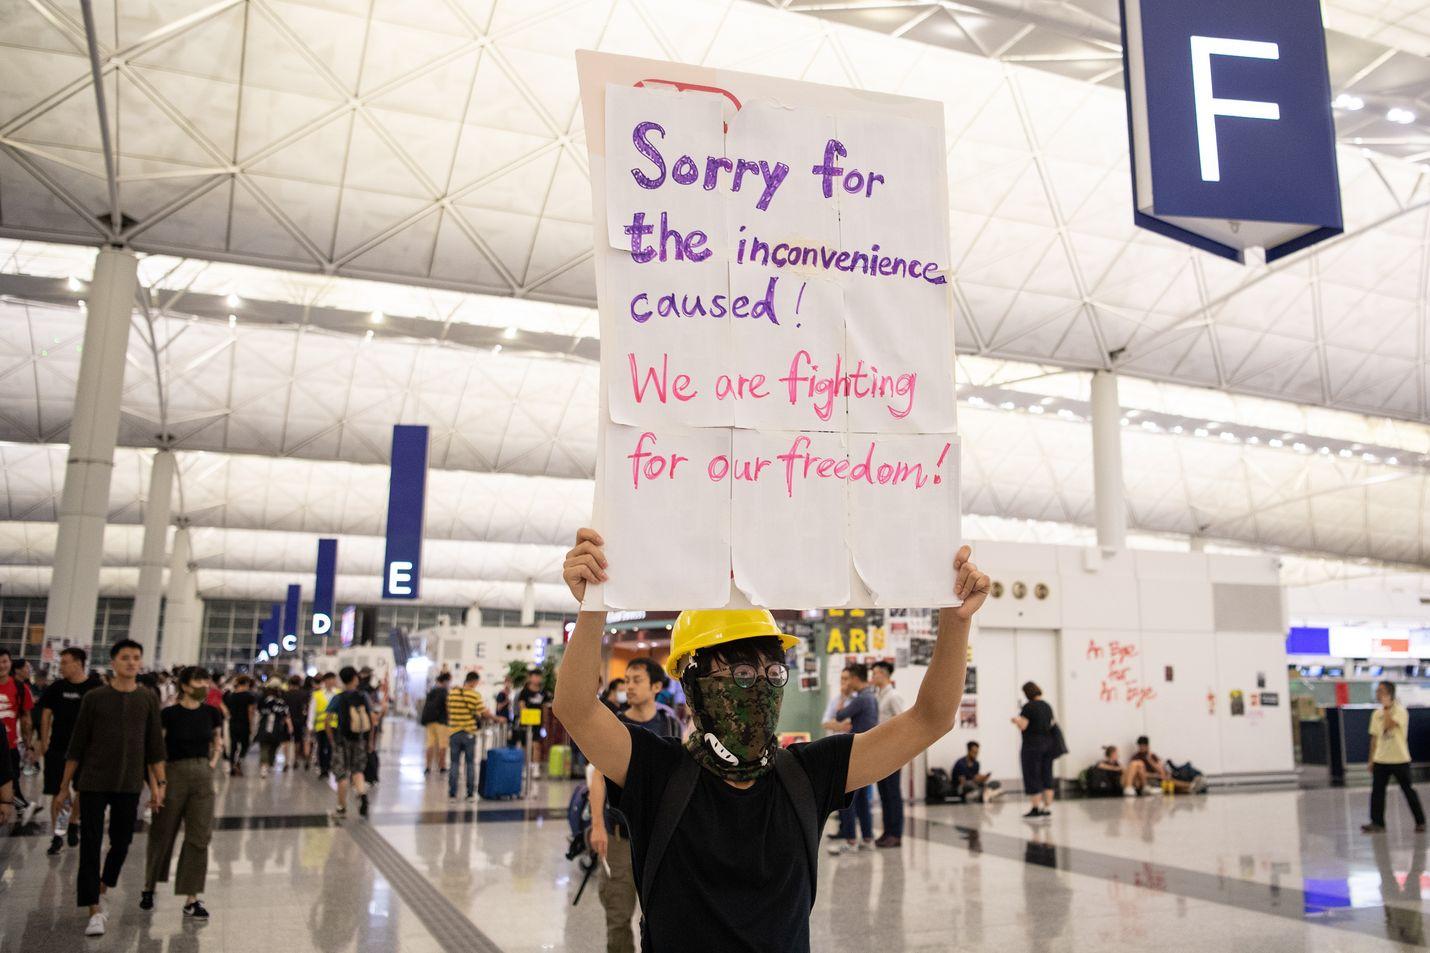 Tuhannet mielenosoittajat kokoontuivat maanantaina Hongkongin kansainväliselle lentoasemalle, mikä aiheutti lentoliikenteen seisahtumisen. Peruutuksia on luvassa myös tiistaina.